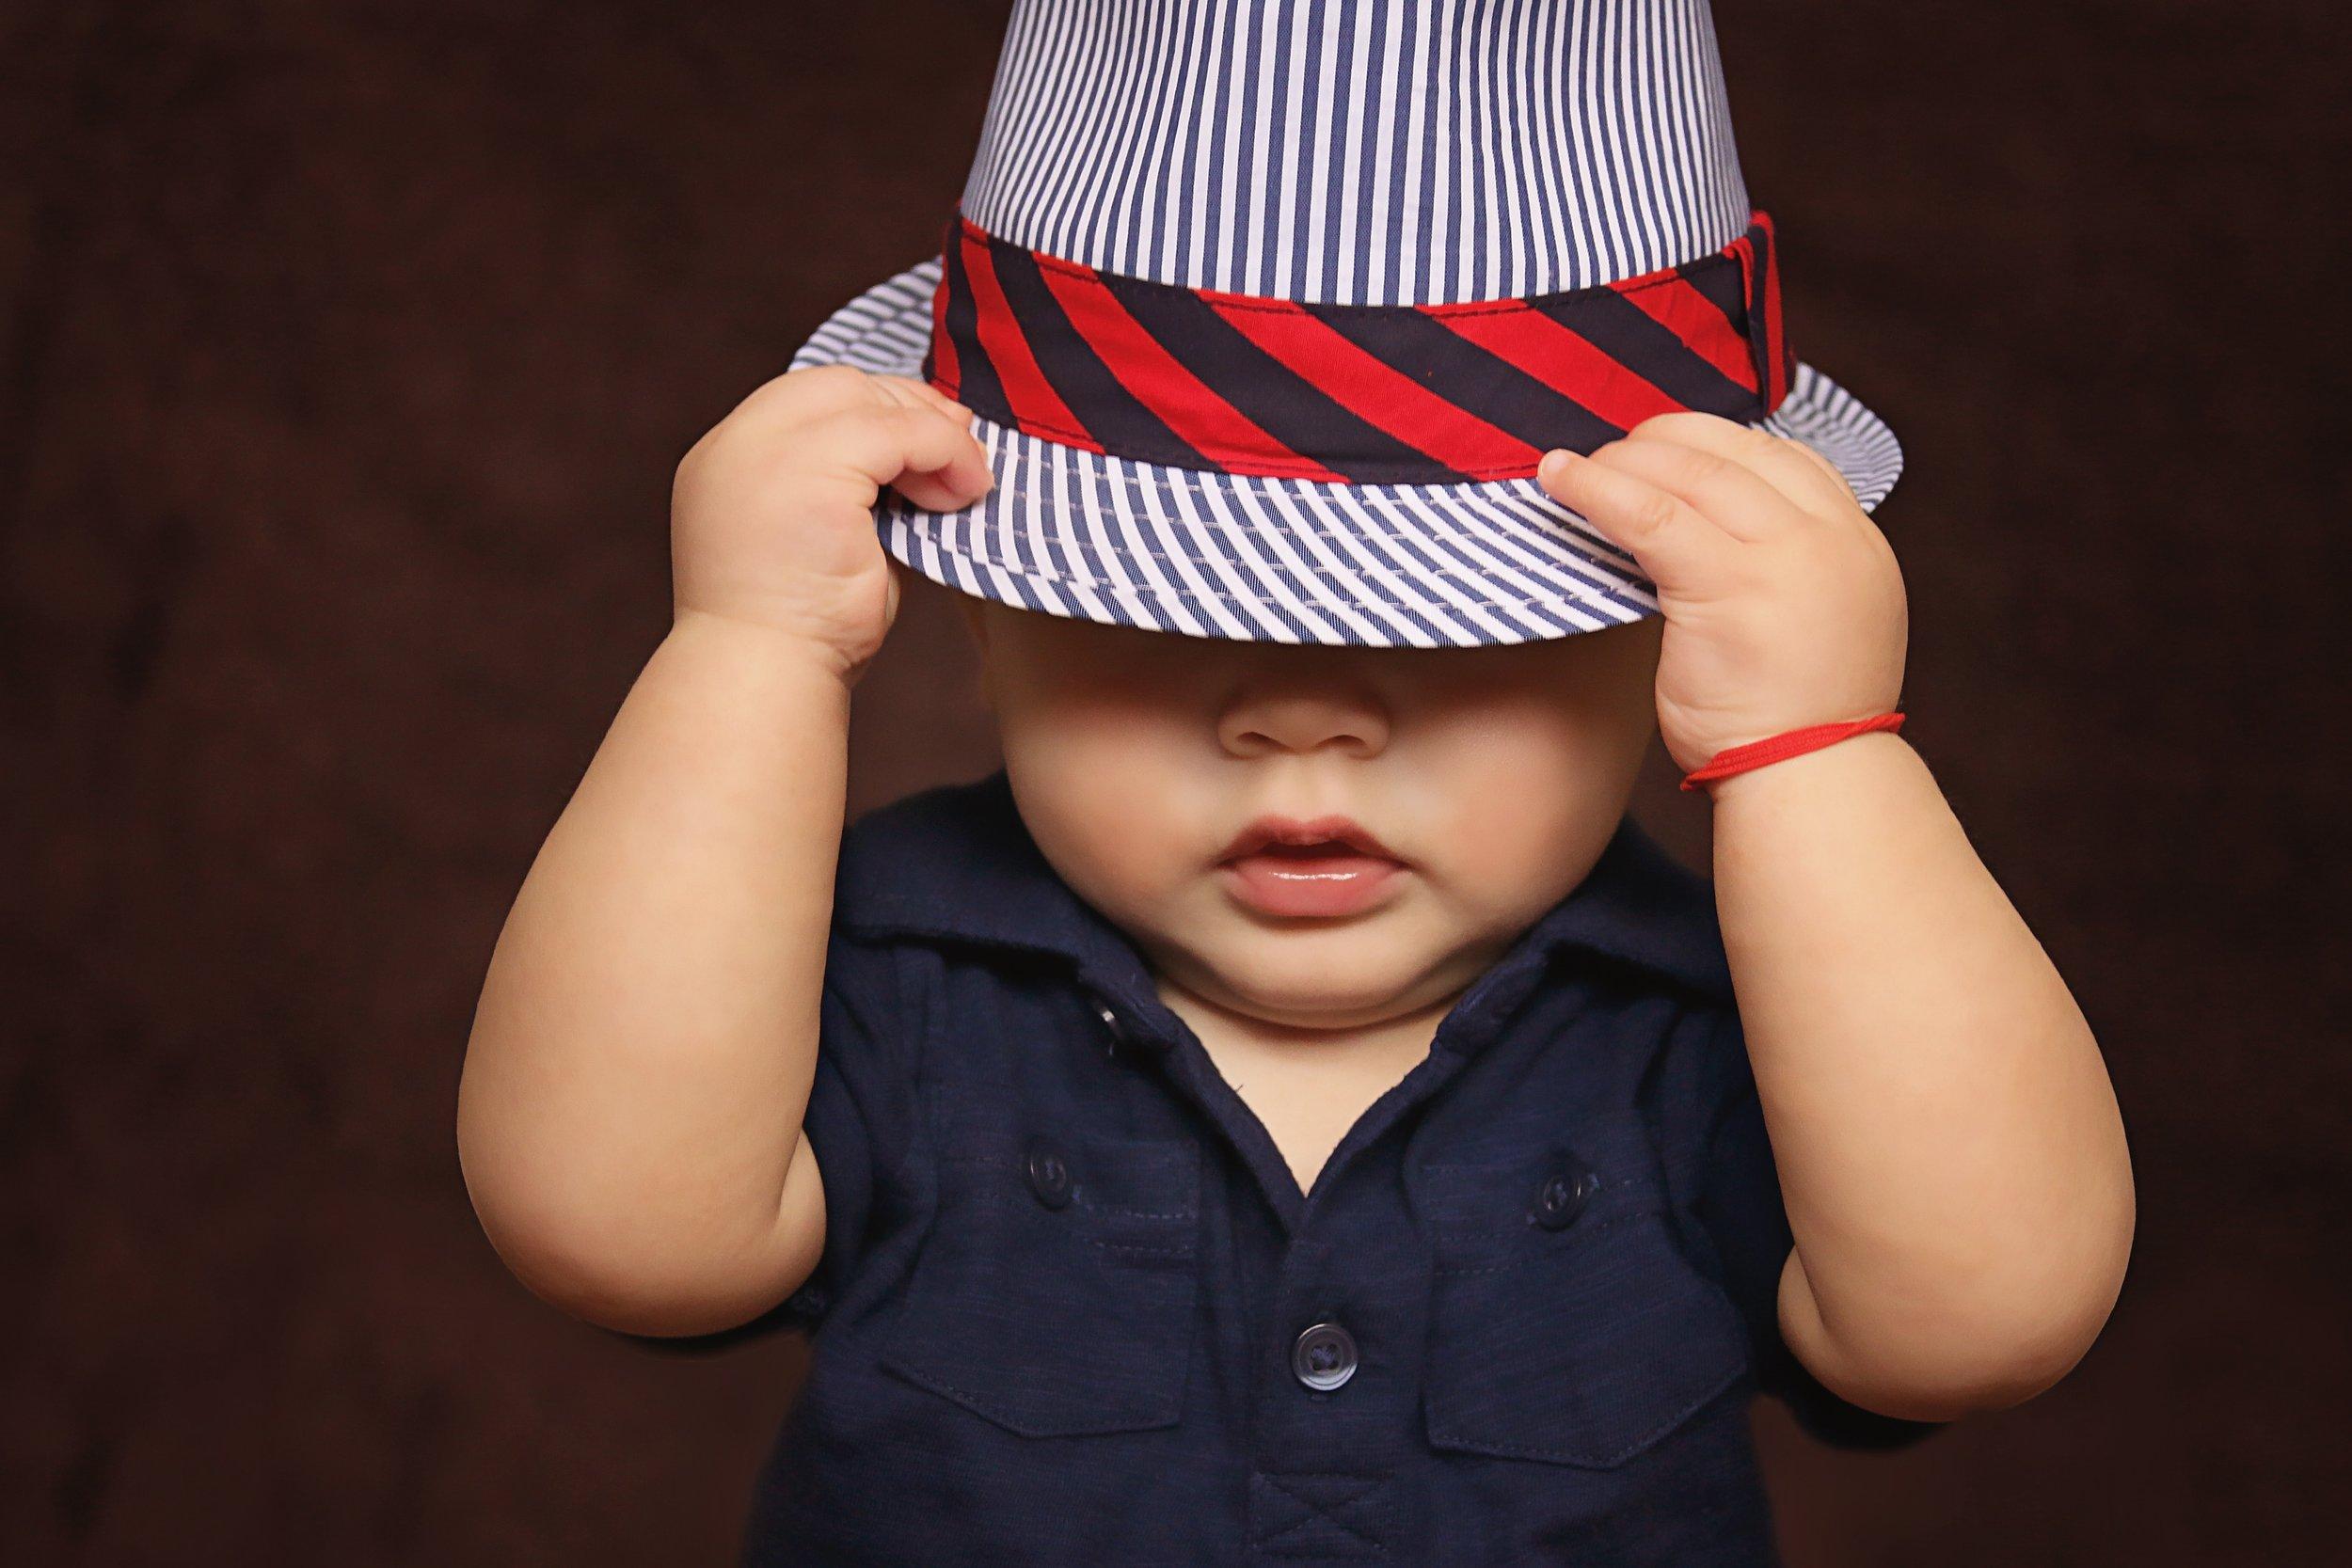 adorable-baby-boy-101537.jpg